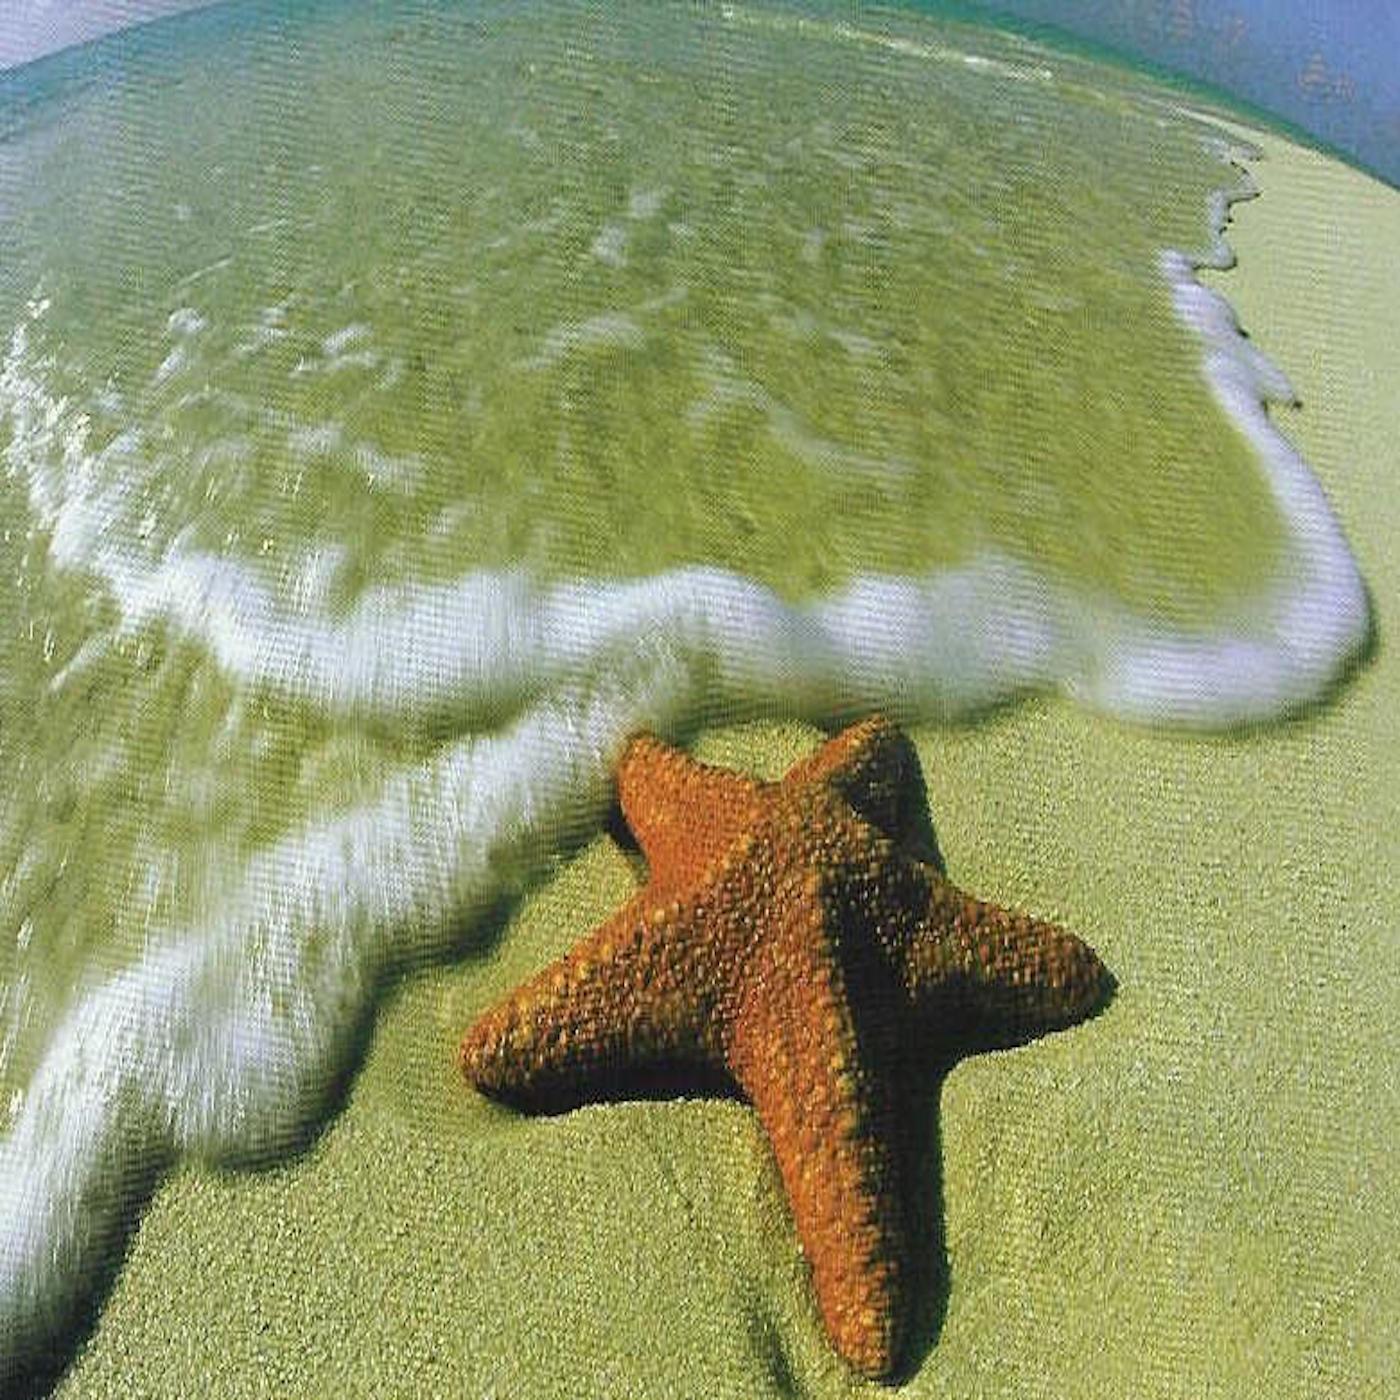 Starfishoz